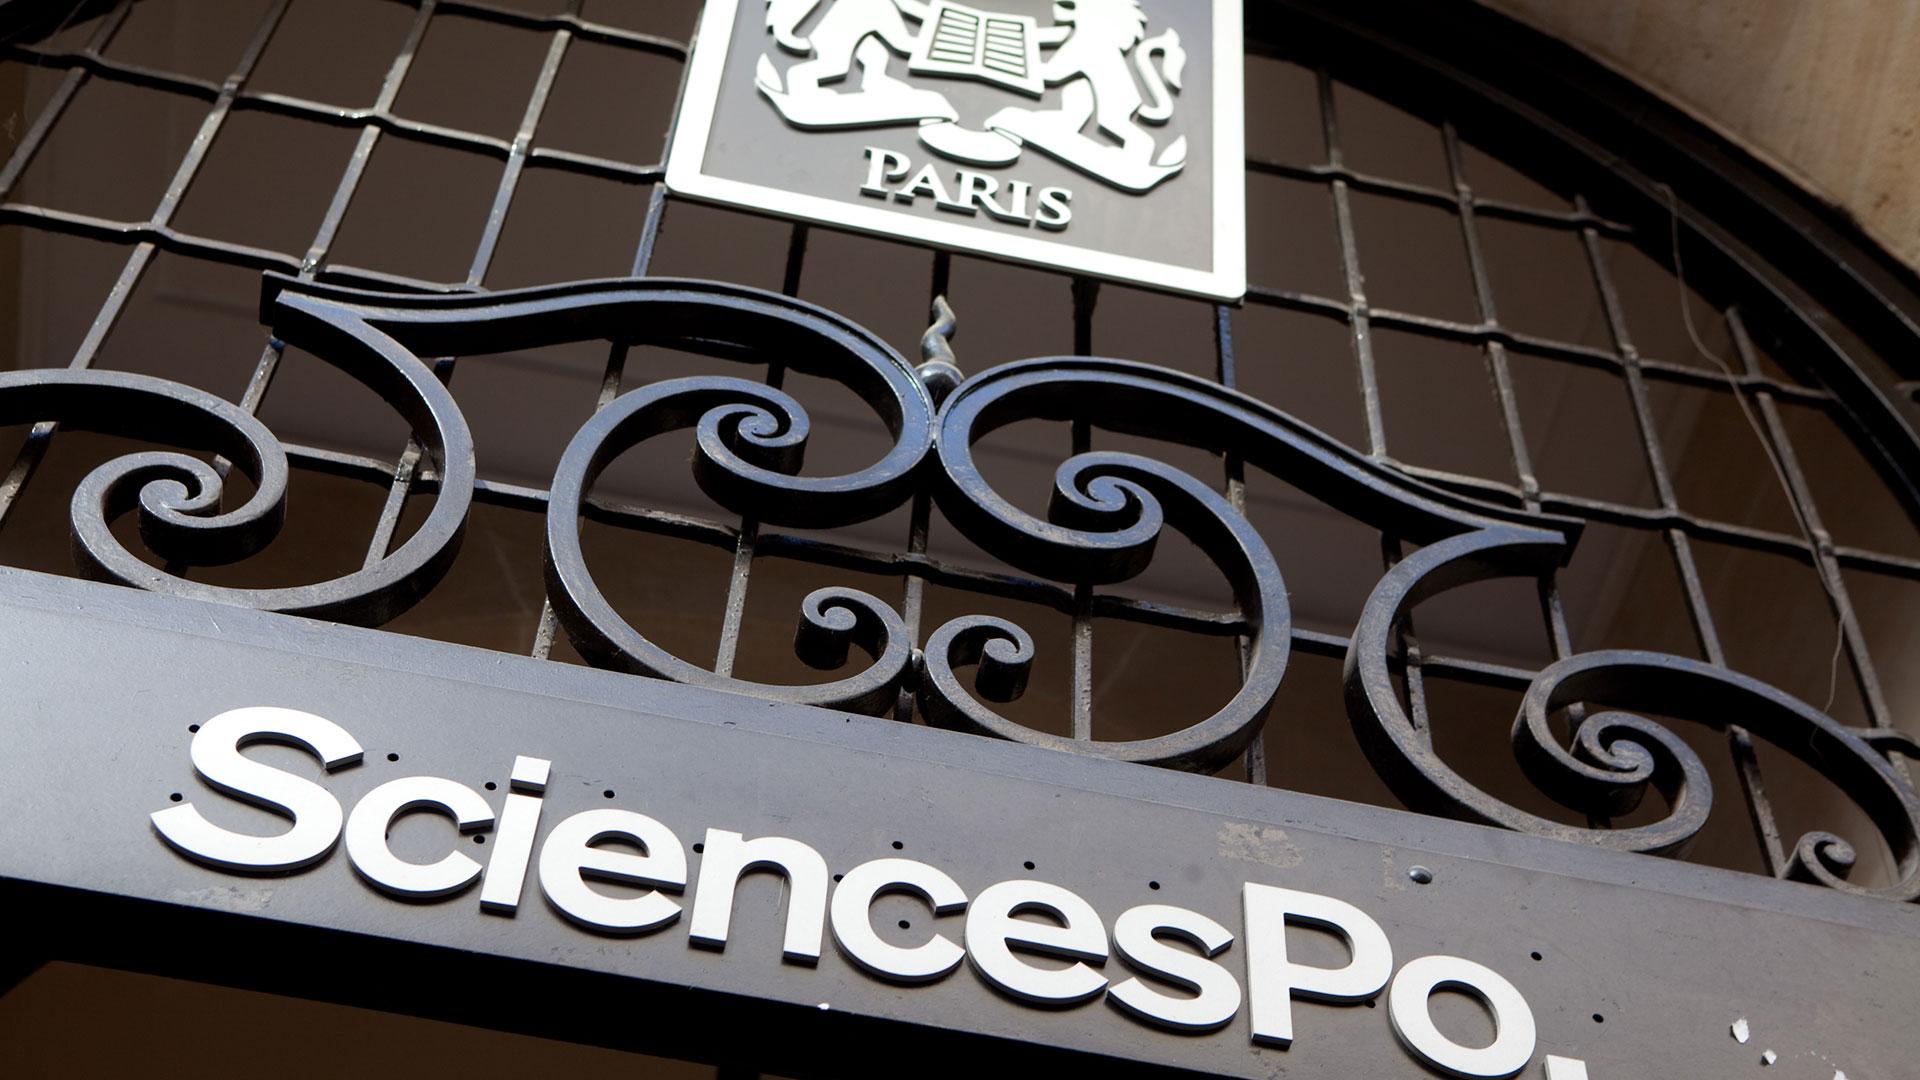 La entrada de SciencePO, el lugar de excelencia académica en Francia